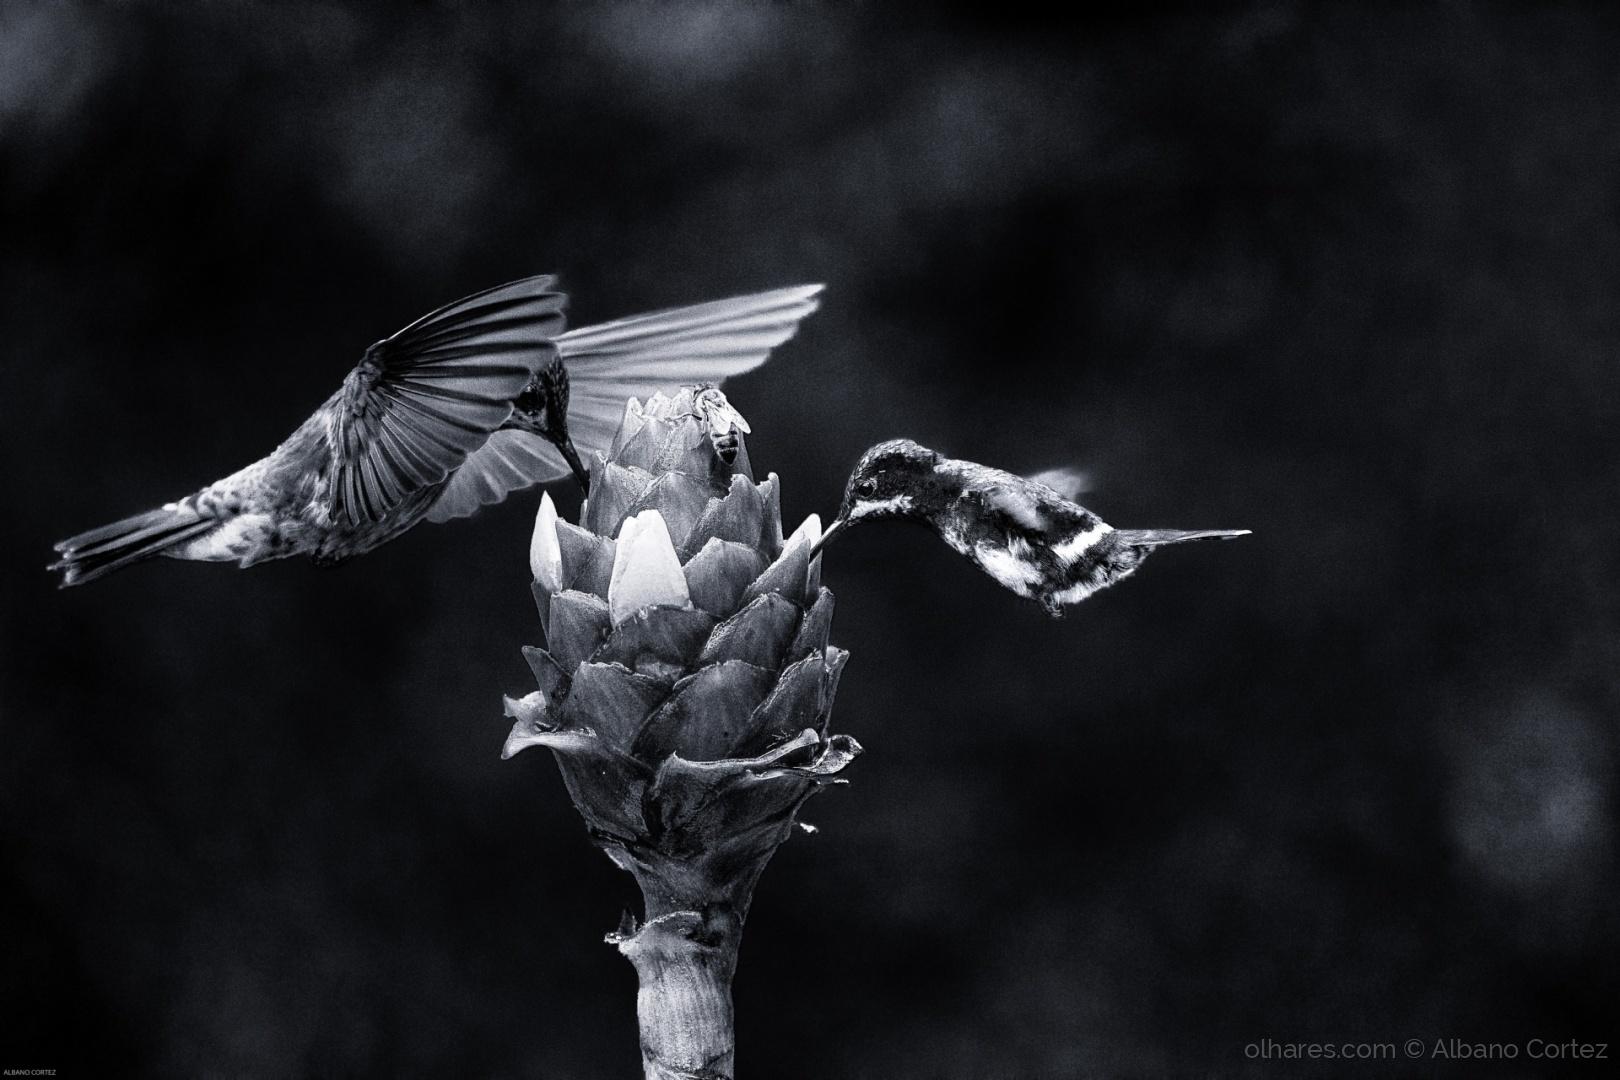 Animais/Birds in B&W.